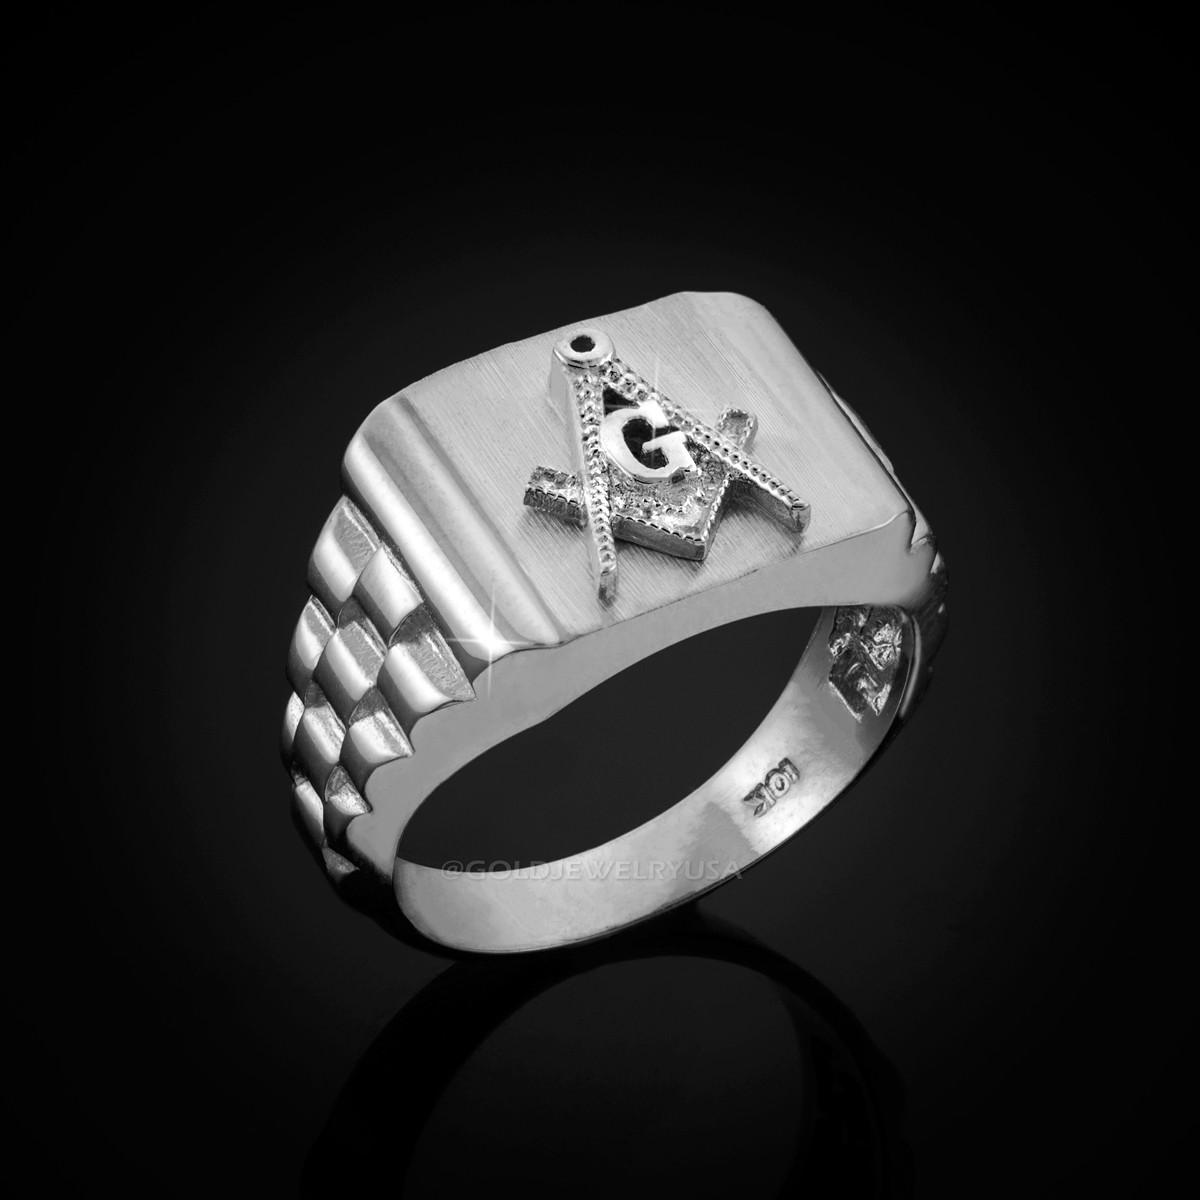 Mens White Gold Masonic Rolex Ring